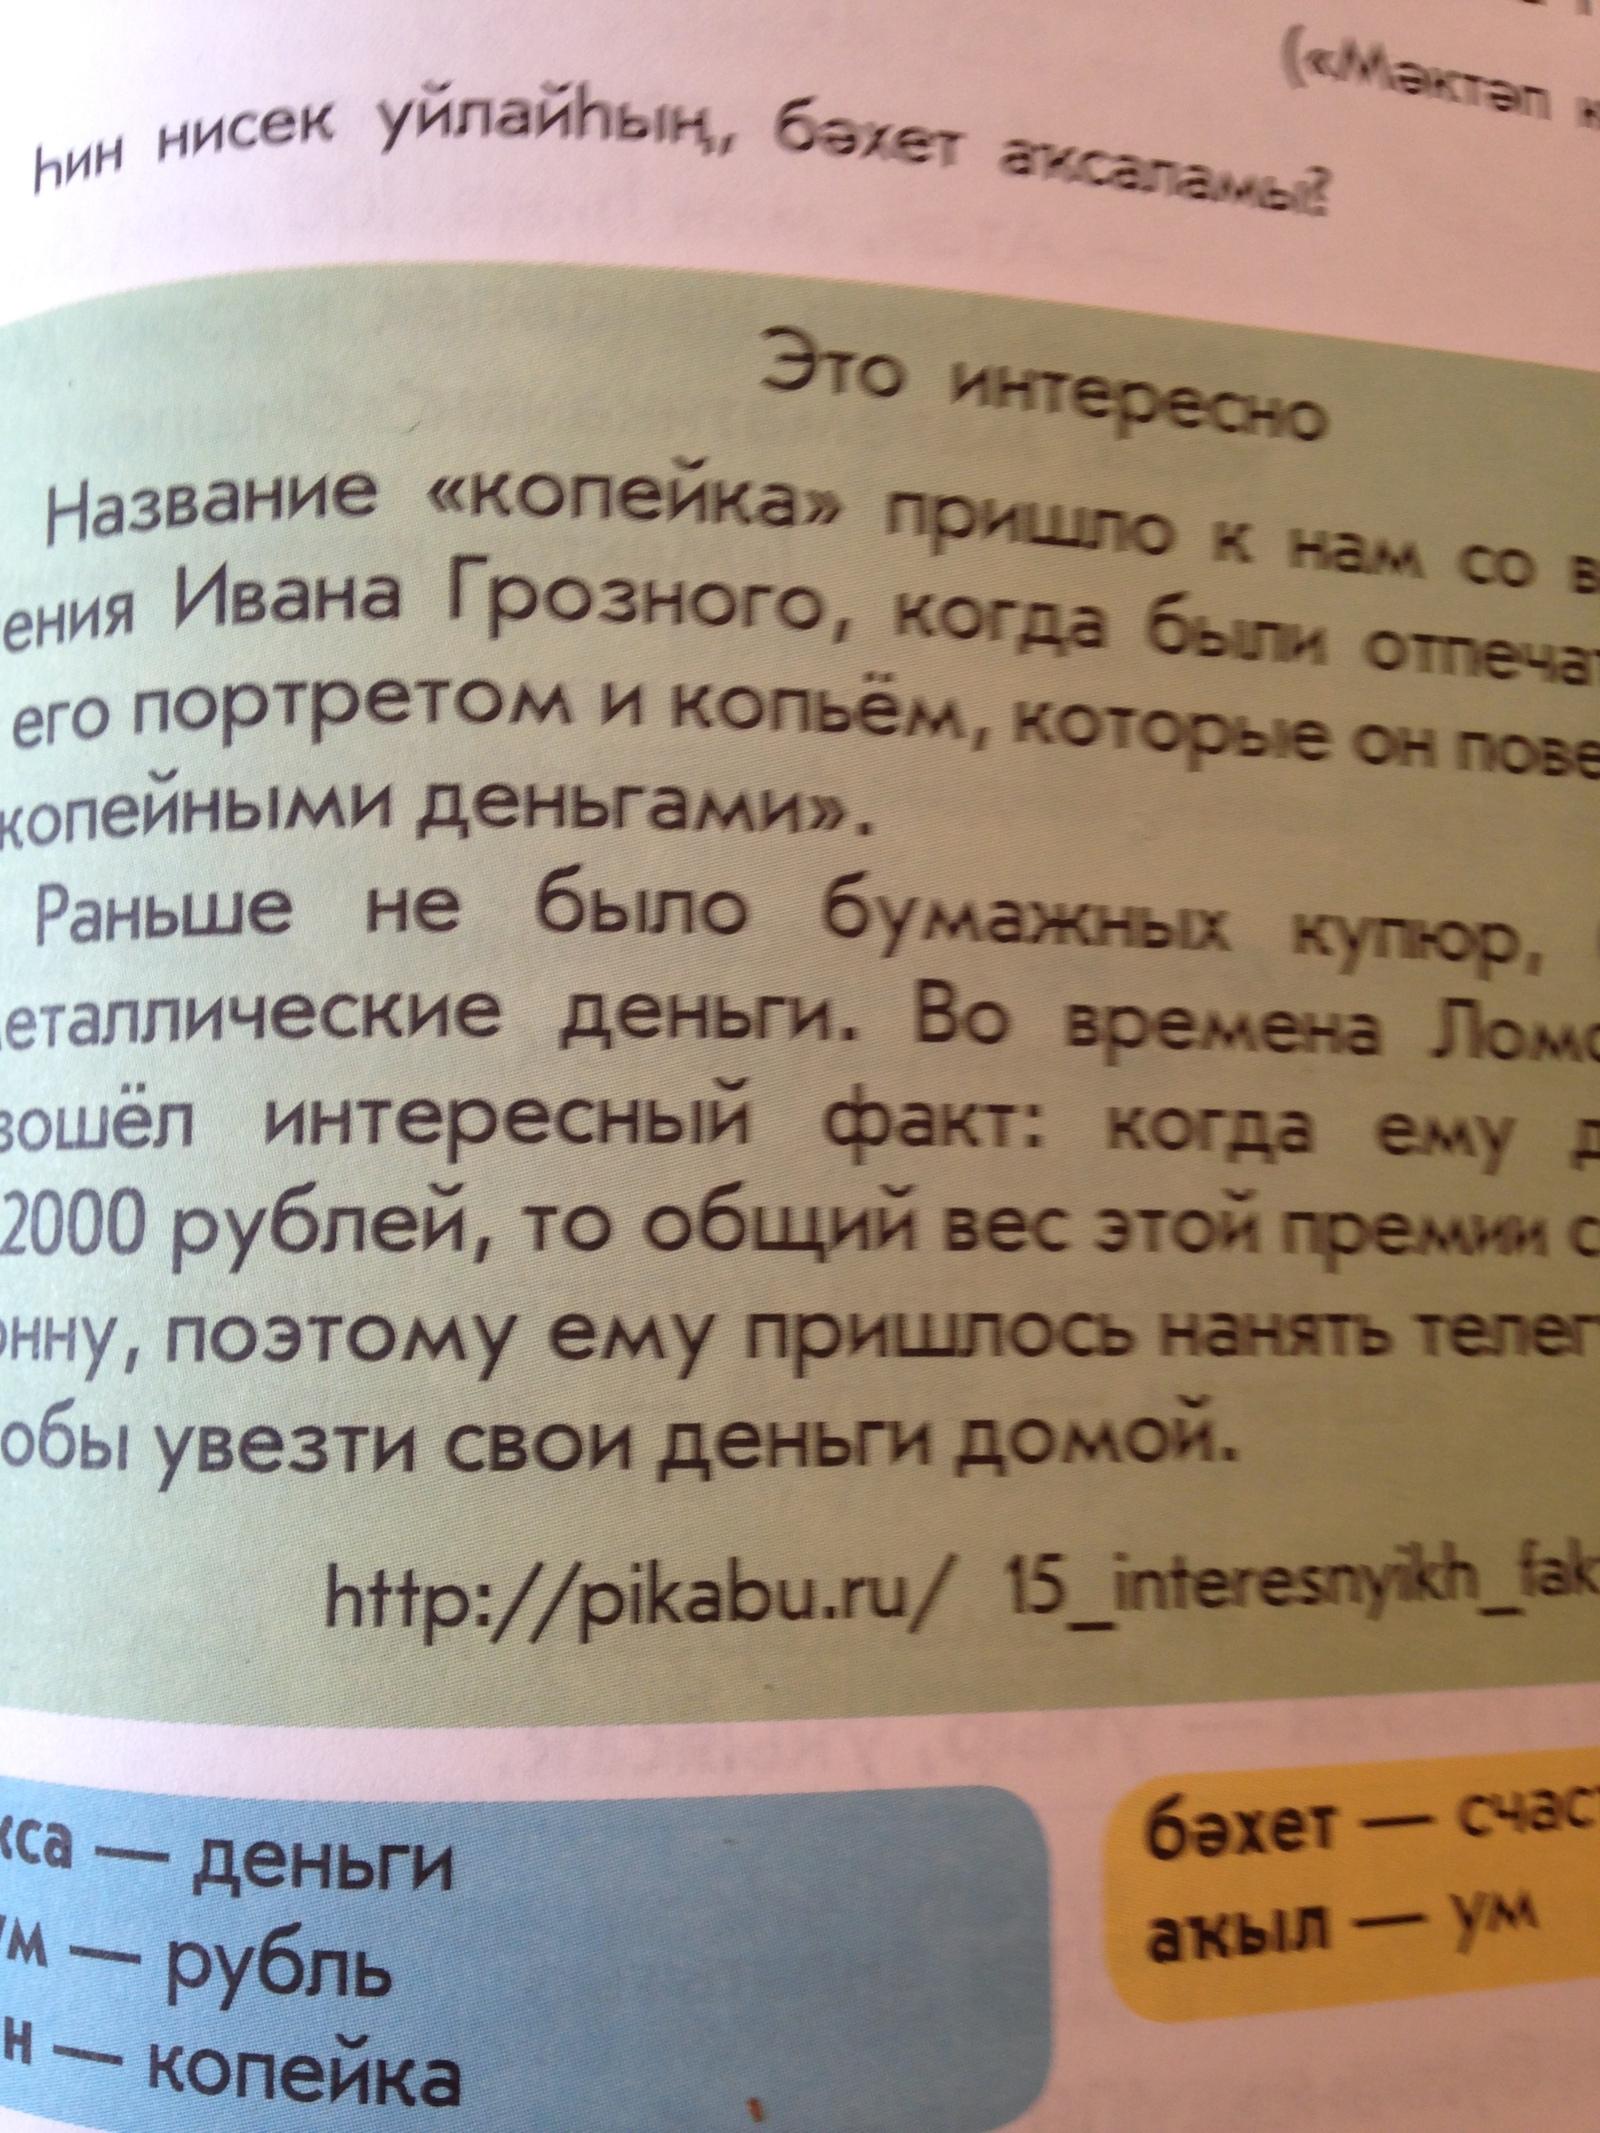 Гдз по башкирскому языку за 3 класс